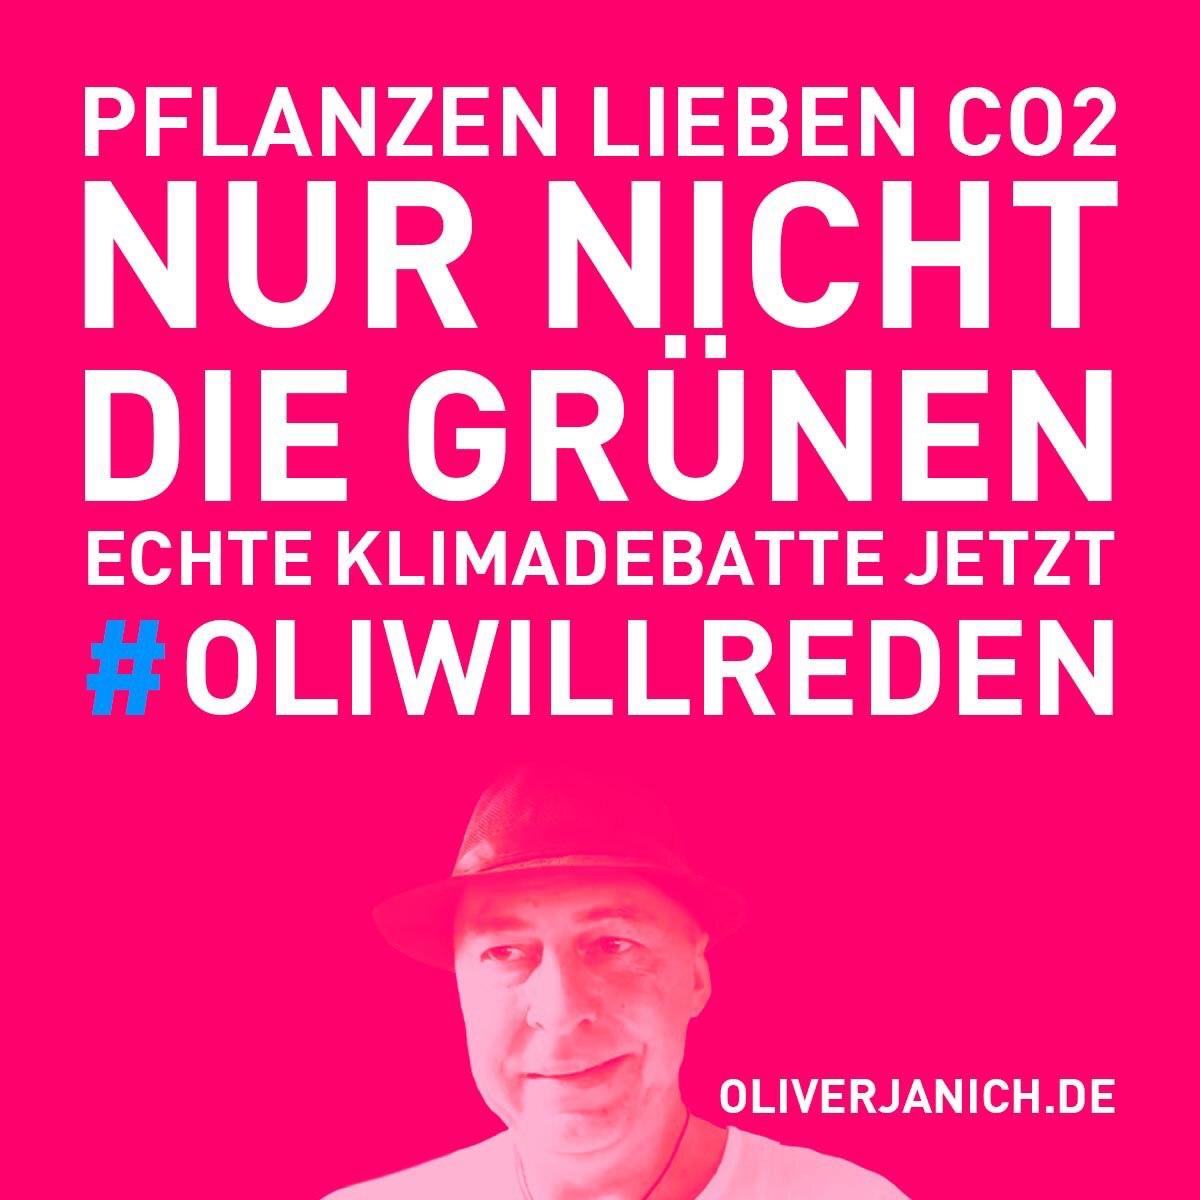 #OliWillReden Klimadebatte Oliver Janich Klimawandel #Rezo Umweltschutz